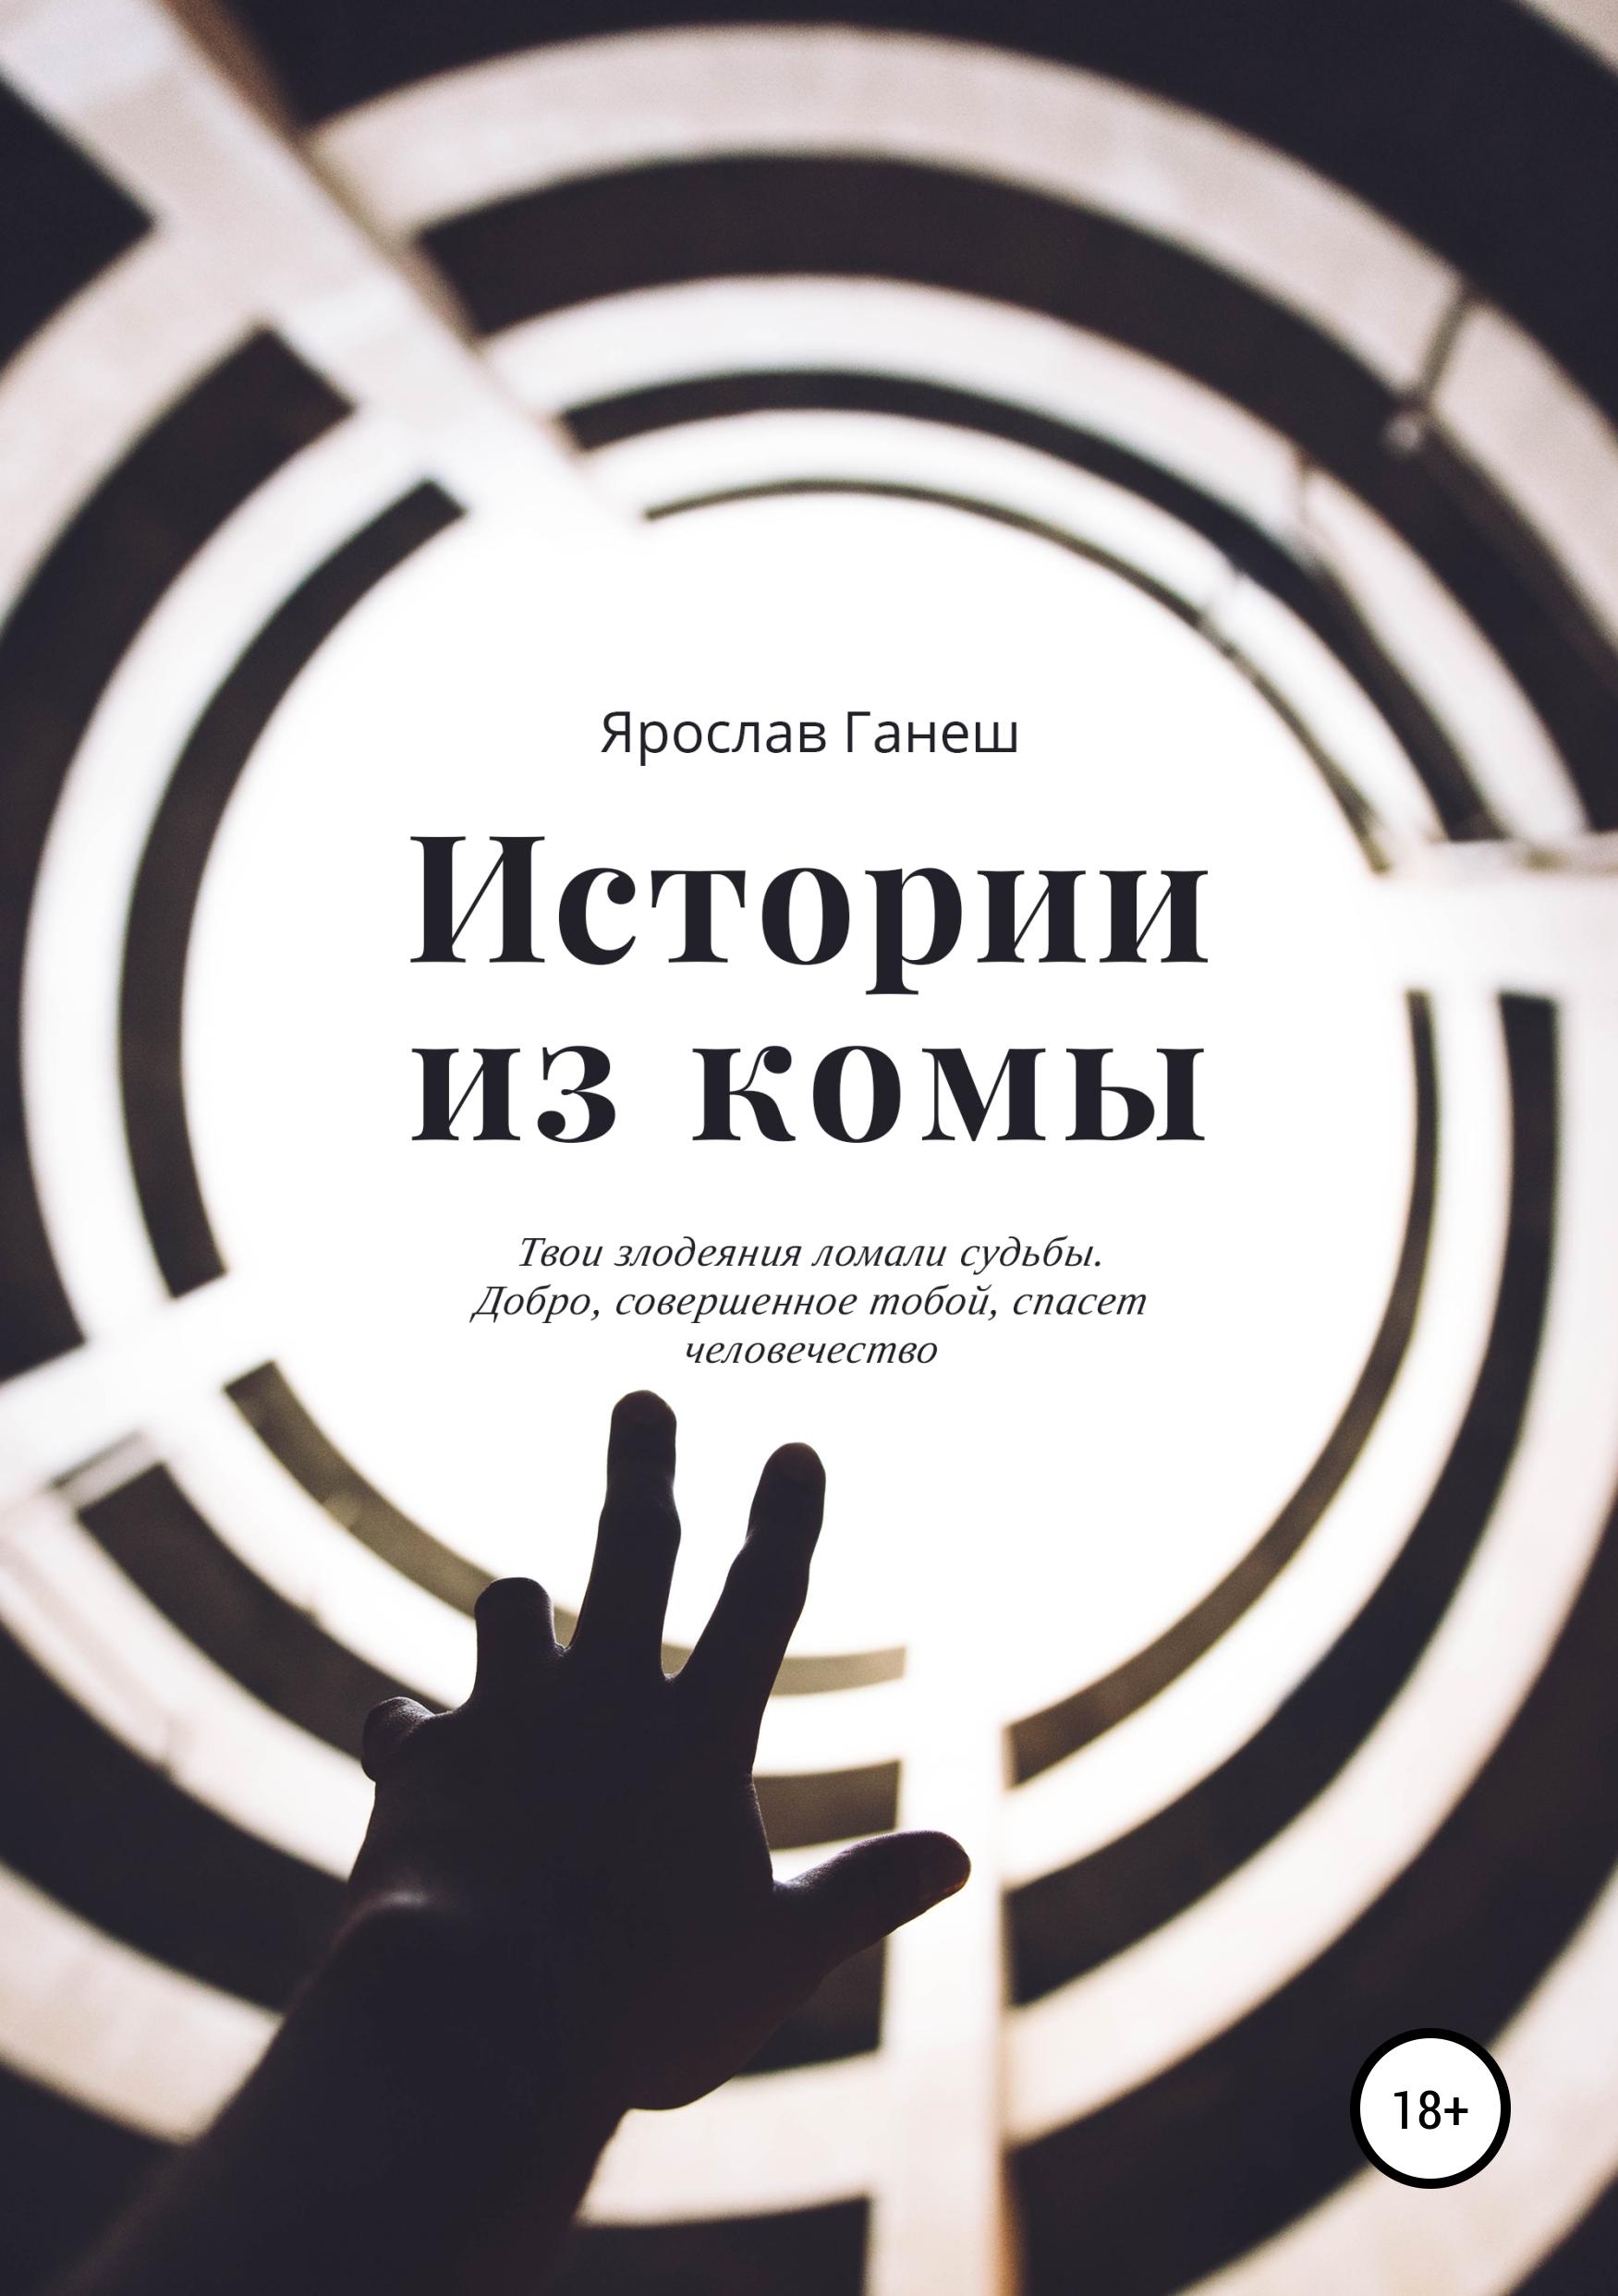 Ярослав Ганеш Истории из комы